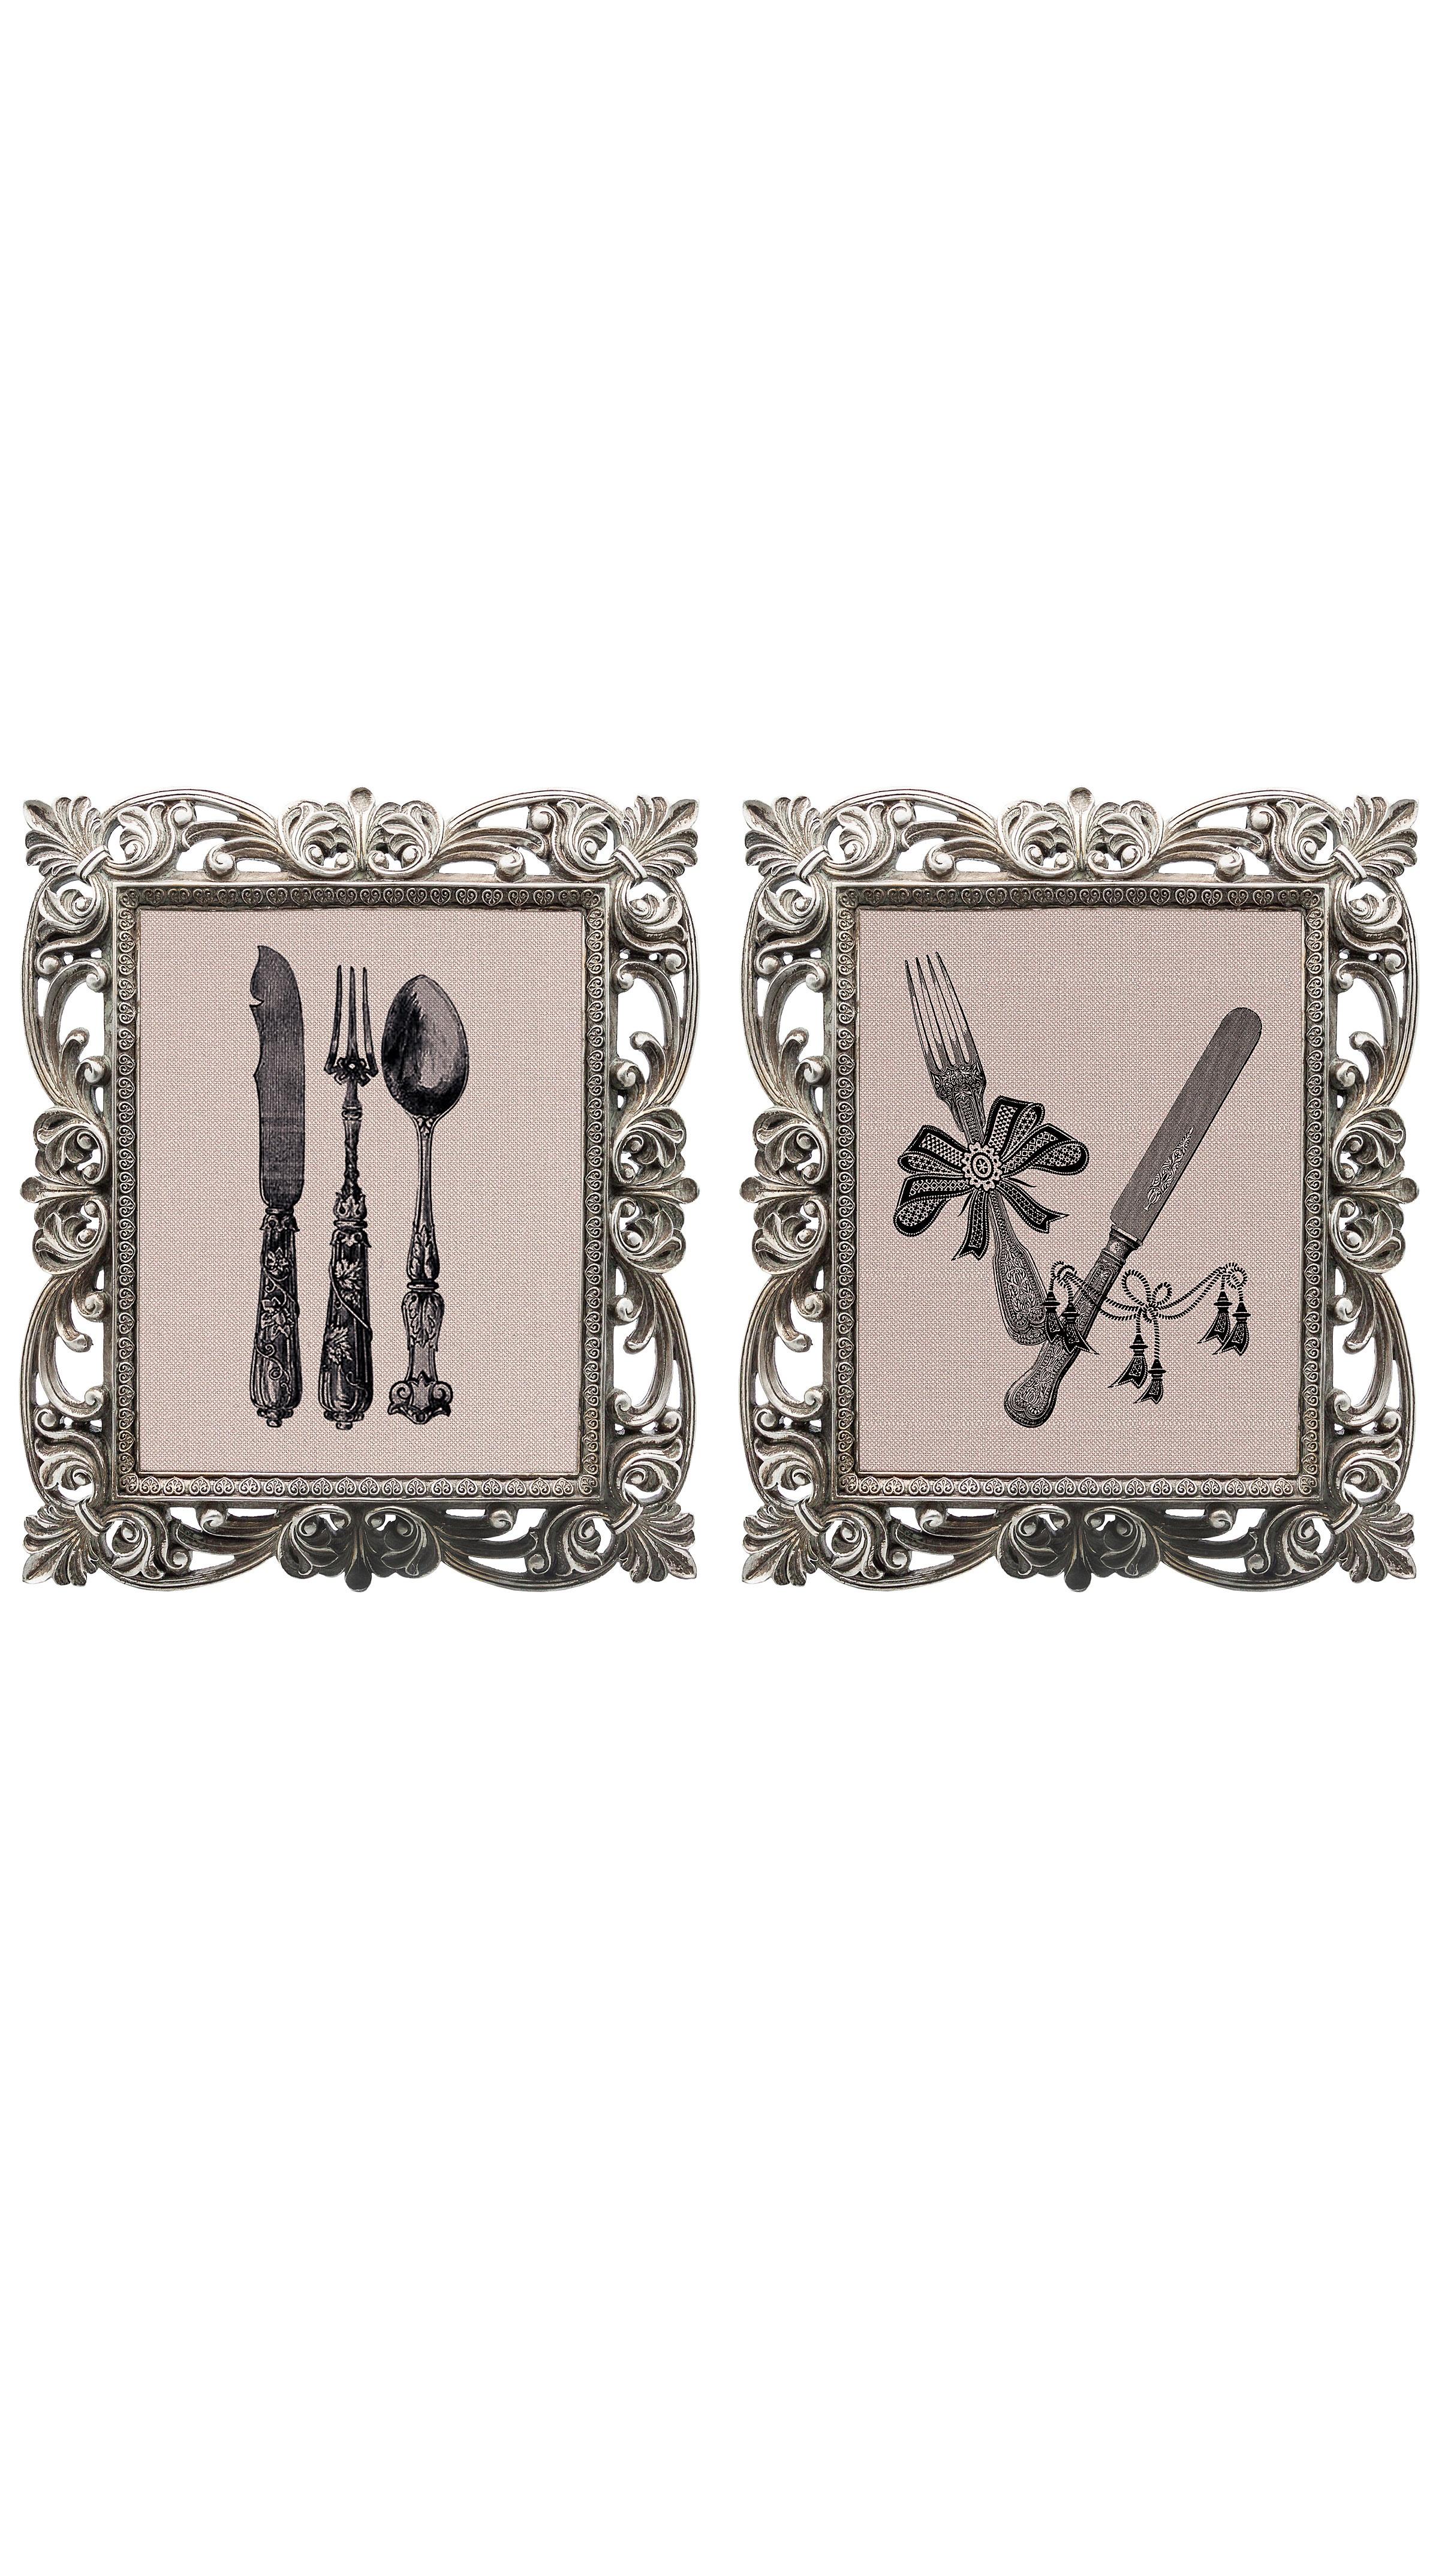 Набор из двух репродукций БеатрисКартины<br>&amp;lt;div&amp;gt;Набор винтажных изображений «Фамильное серебро» — это не только сентиментальное воспоминание о предметах и целых эпохах прошлого, — это еще и оригинальная деталь интерьера, которая поражает множеством элементов и эффектно смотрится в любом пространстве. Декорируйте свой дом с любовью, превращая обычный день в волшебный! Искусная техника состаривания придает рамам особую теплоту и винтажность. Благородная патина на поверхности рам — интригующее приглашение к прогулке в мир старинных реликвий! Картины можно повесить на стену, а можно поставить, например, на стол или камин. Если Вам захочется обновить интерьер, Вы можете с легкостью заменить изображение картин!&amp;lt;/div&amp;gt;&amp;lt;div&amp;gt;&amp;lt;br&amp;gt;&amp;lt;/div&amp;gt;&amp;lt;div&amp;gt;Изображение - дизайнерская бумага; рама - искуственный камень; защитный слой - стекло&amp;amp;nbsp;&amp;lt;/div&amp;gt;&amp;lt;div&amp;gt;&amp;lt;br&amp;gt;&amp;lt;/div&amp;gt;<br><br>Material: Бумага<br>Ширина см: 30<br>Высота см: 35<br>Глубина см: 2